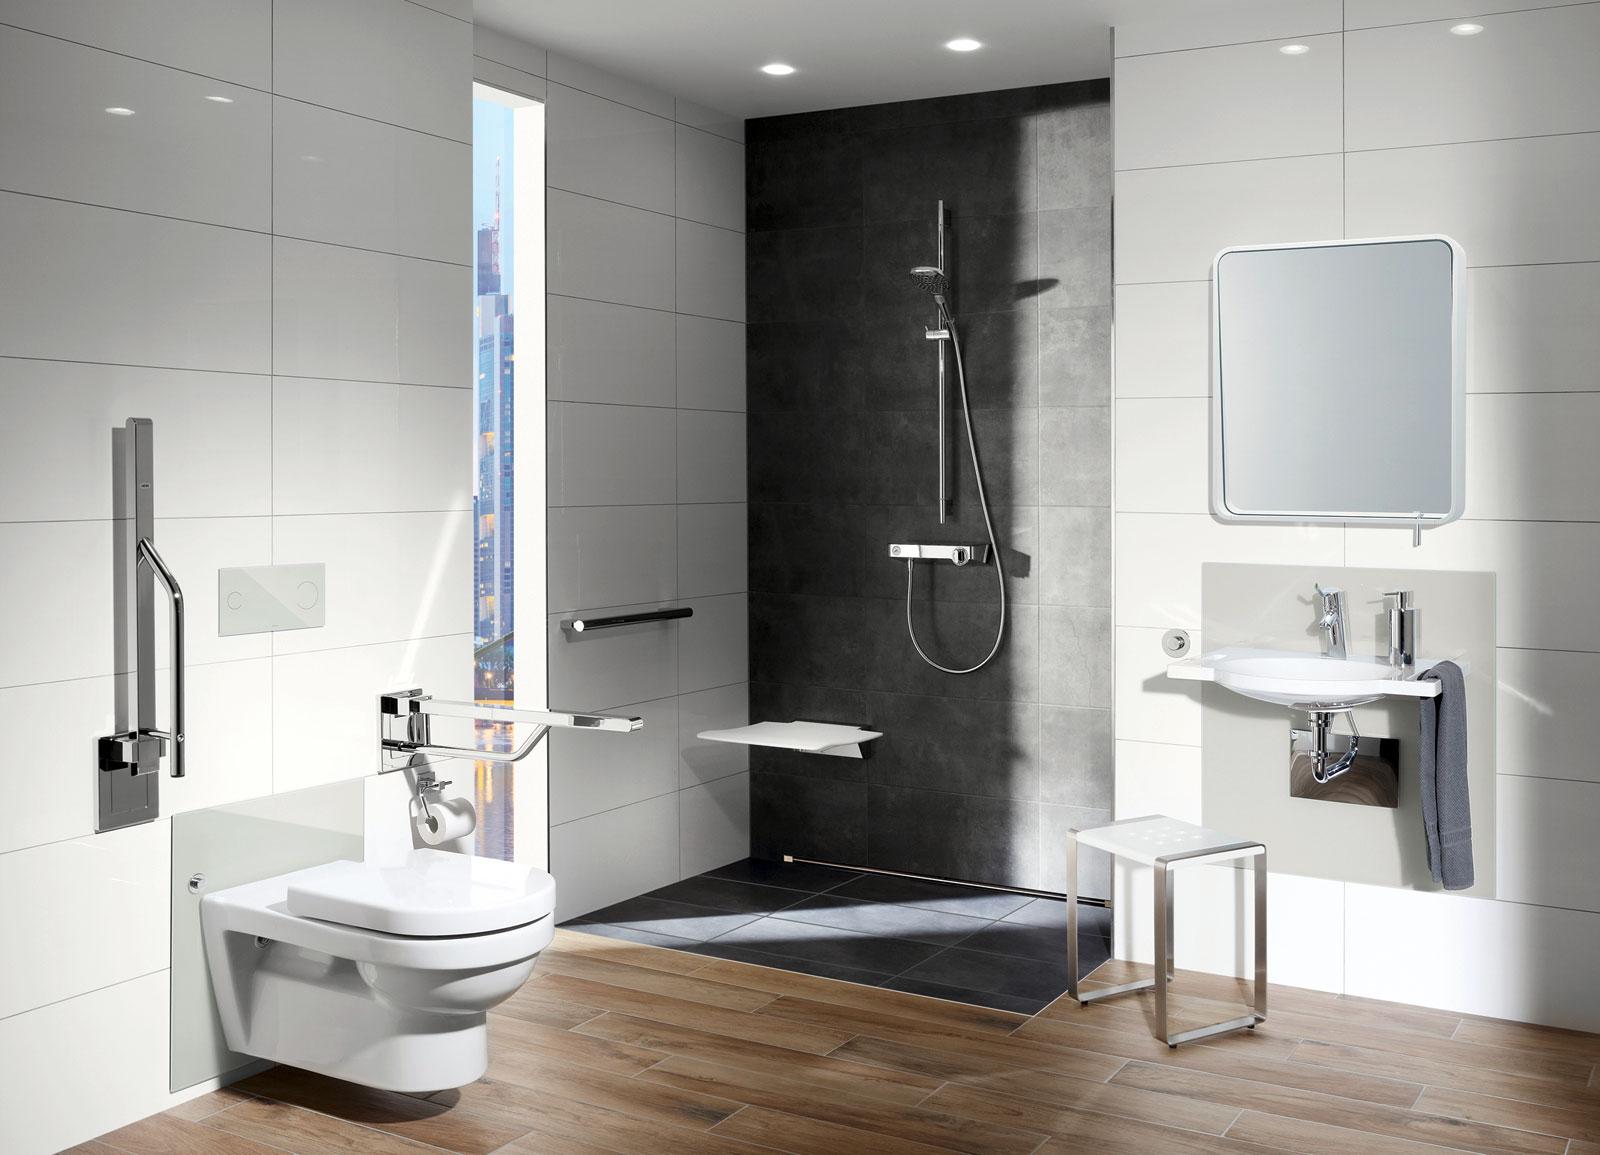 lazienka dla seniora rozwiazania sanitarne viega przystosowane do wieku uzytkownikow1 - Łazienka dla seniora - rozwiązania sanitarne Viega przystosowane do wieku użytkowników